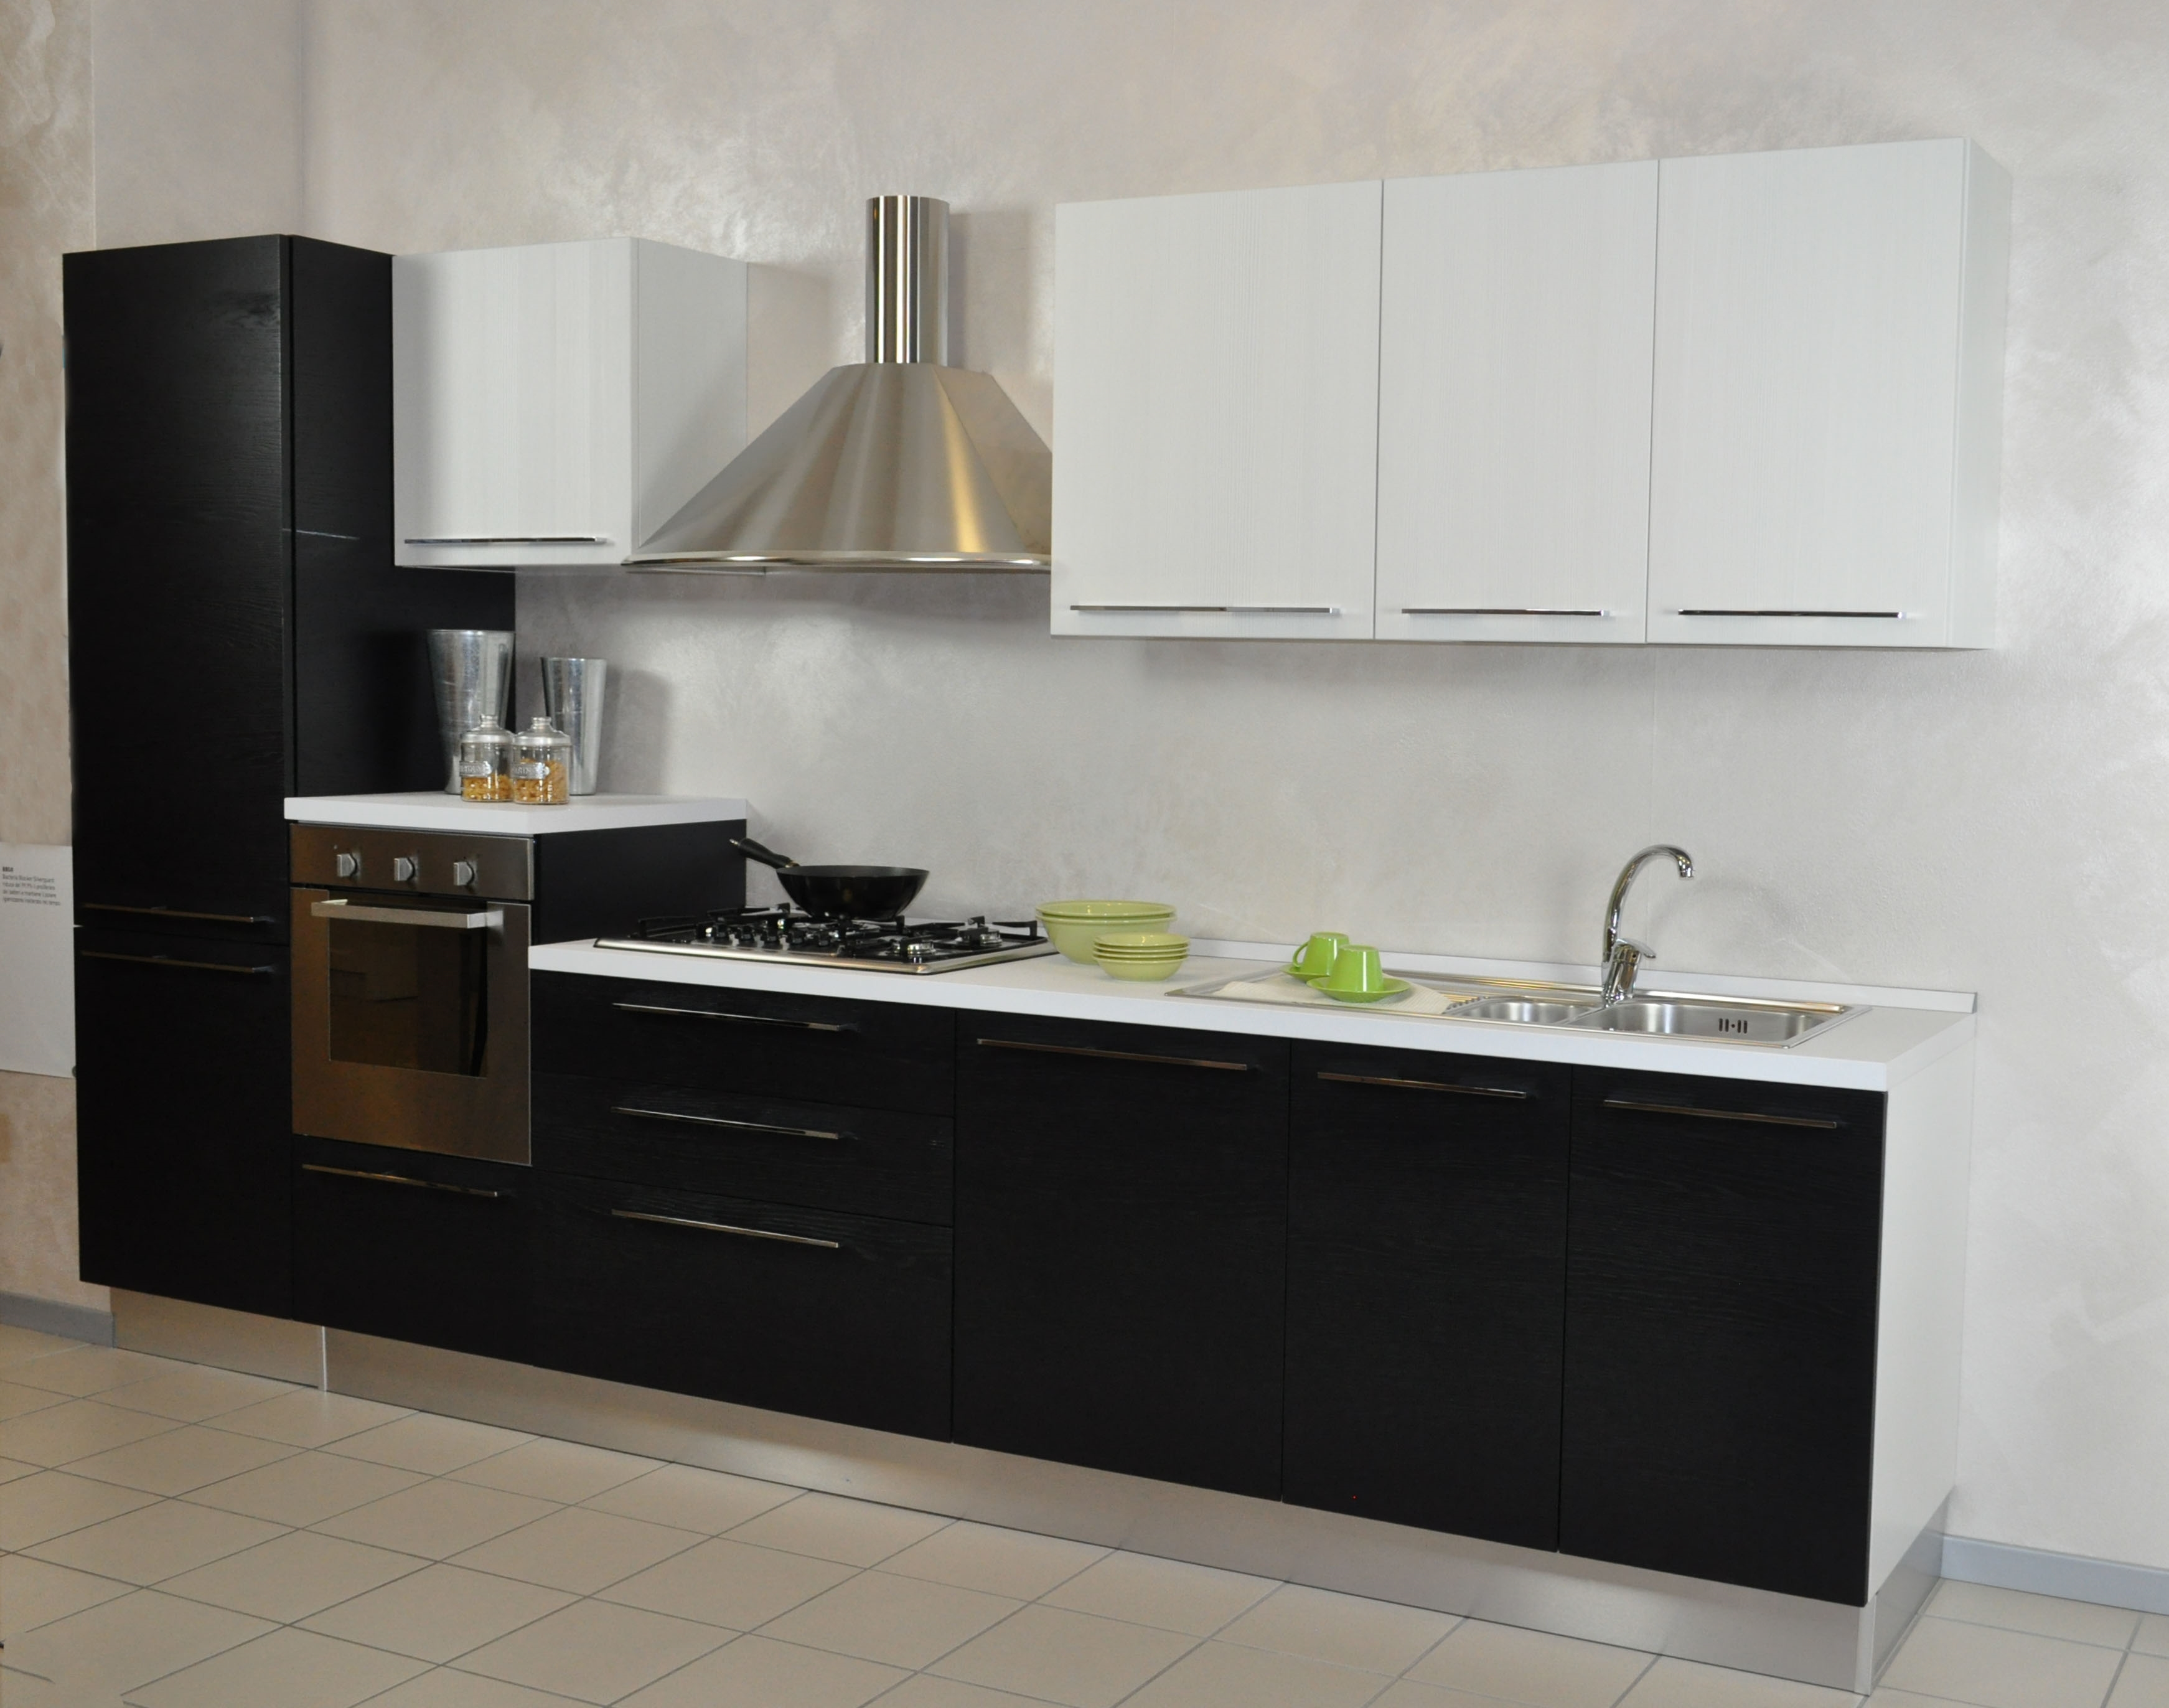 Cucina moderna lube nilde impiallacciata sconto del 47 for Cucine in offerta prezzi